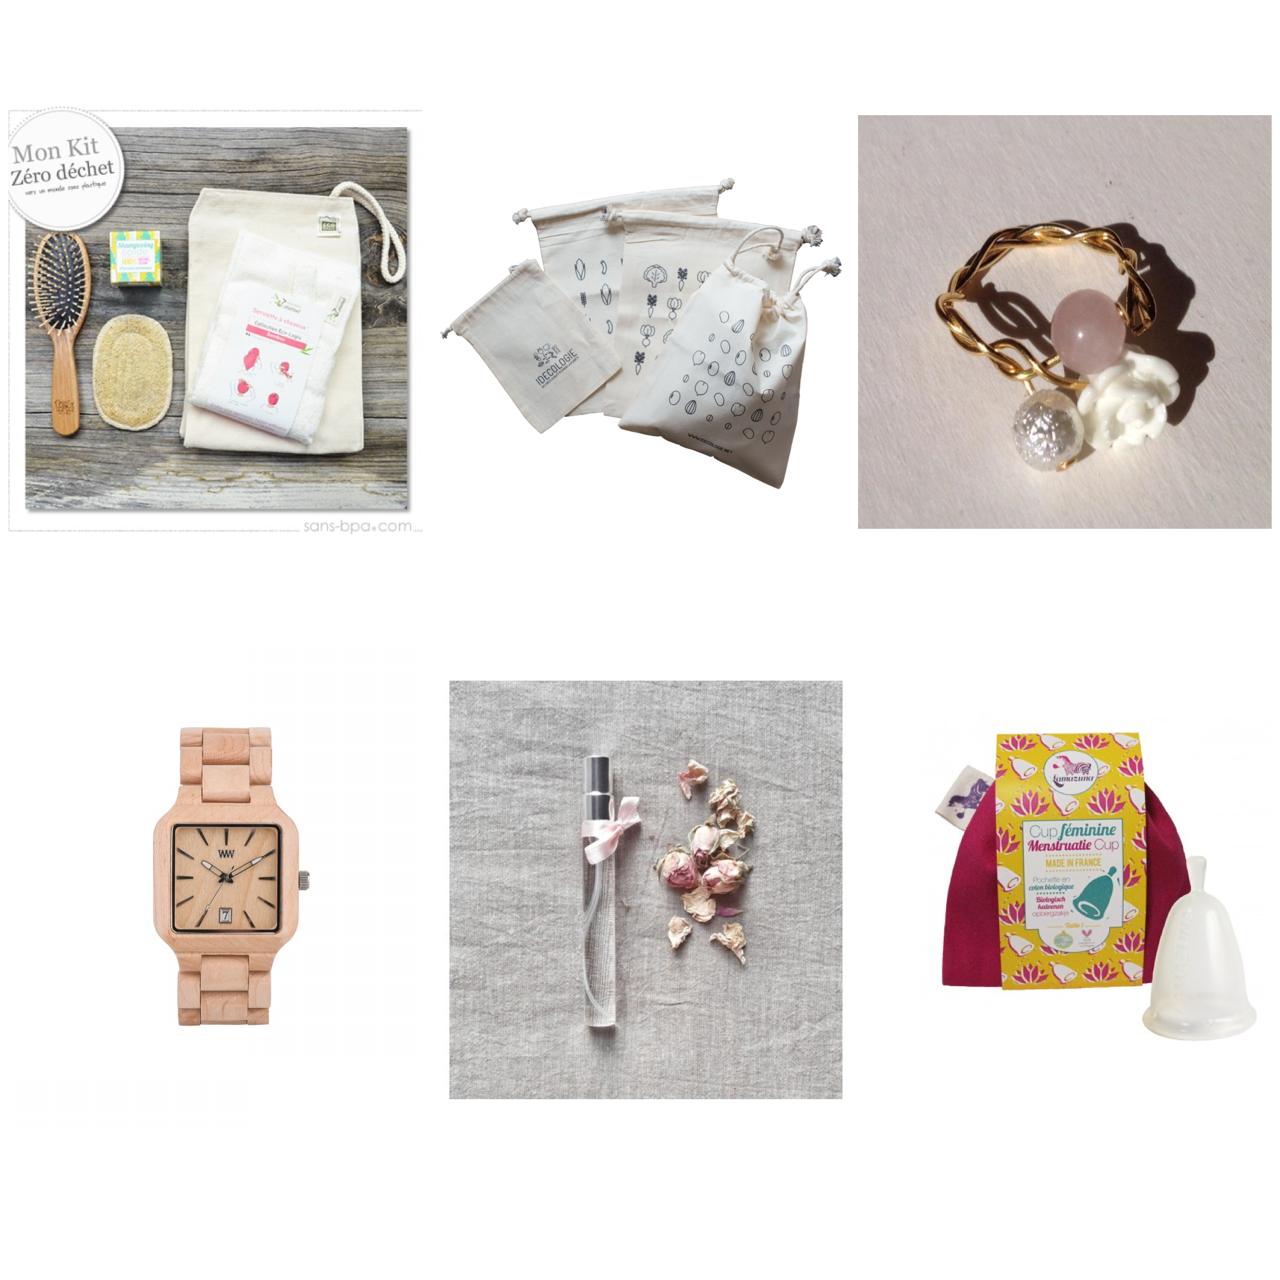 Idées cadeaux #3